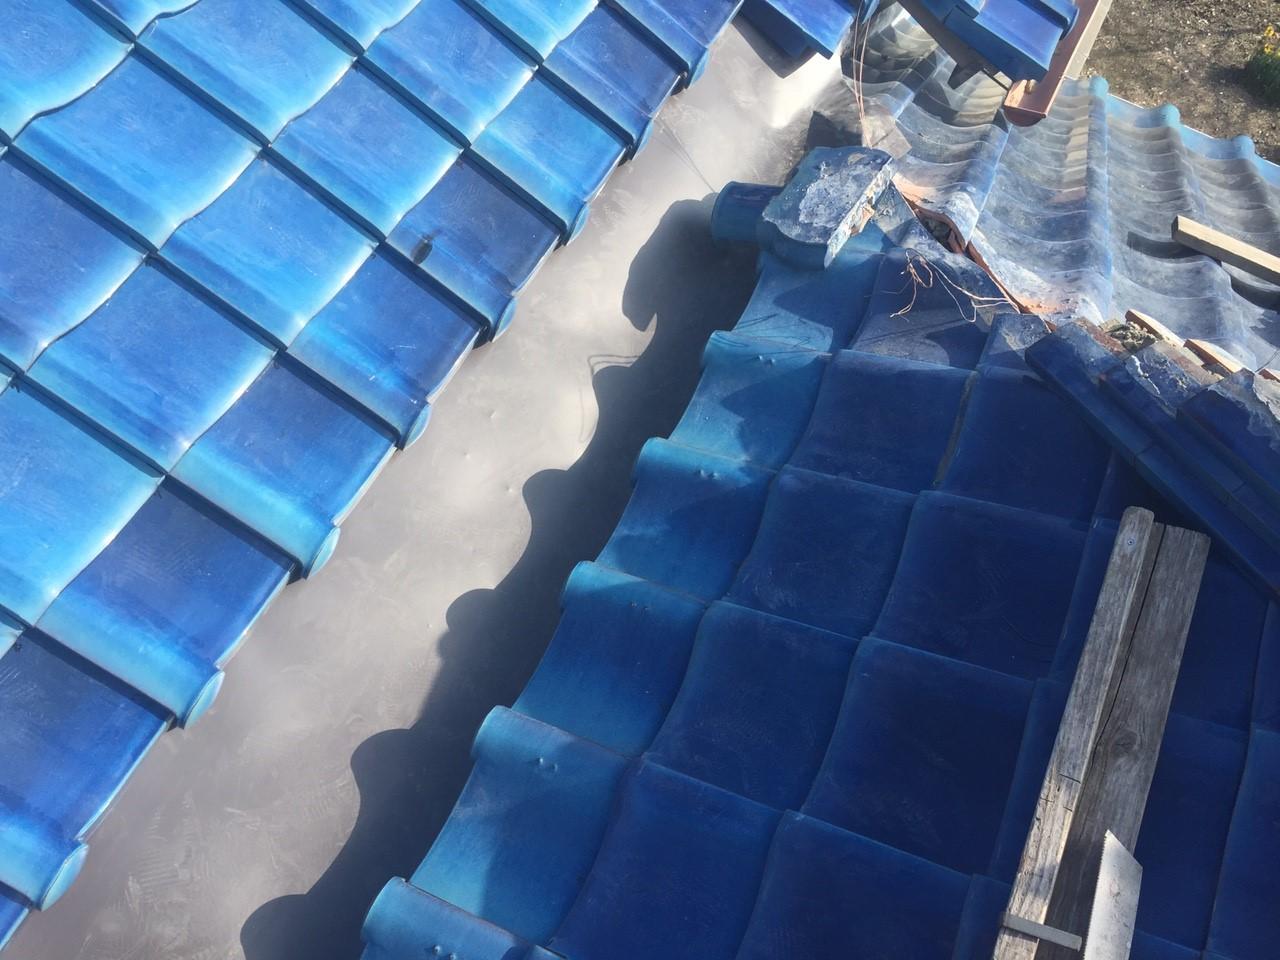 鴨川市|谷樋に交換するための棟瓦取り直し工事